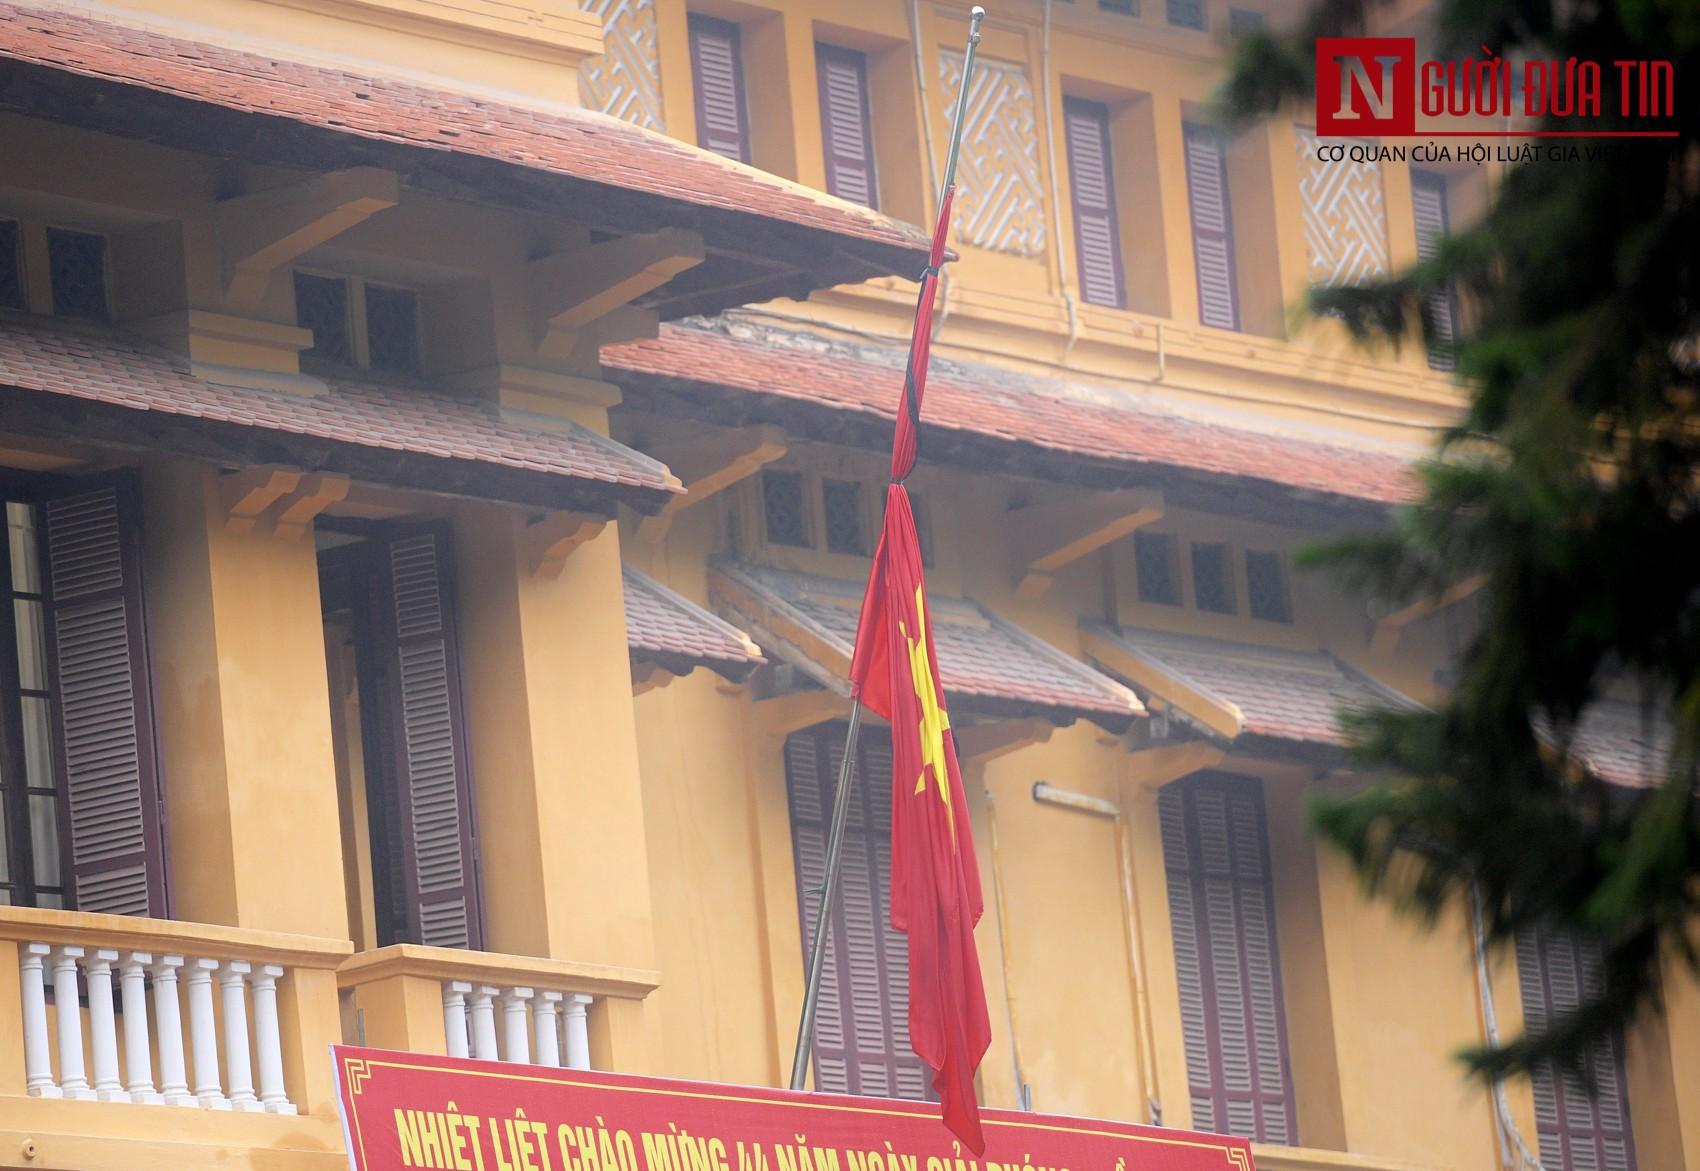 [Chùm ảnh] Các cơ quan, công sở đồng loạt treo cờ rủ Quốc tang Nguyên Chủ tịch nước Lê Đức Anh - Ảnh 7